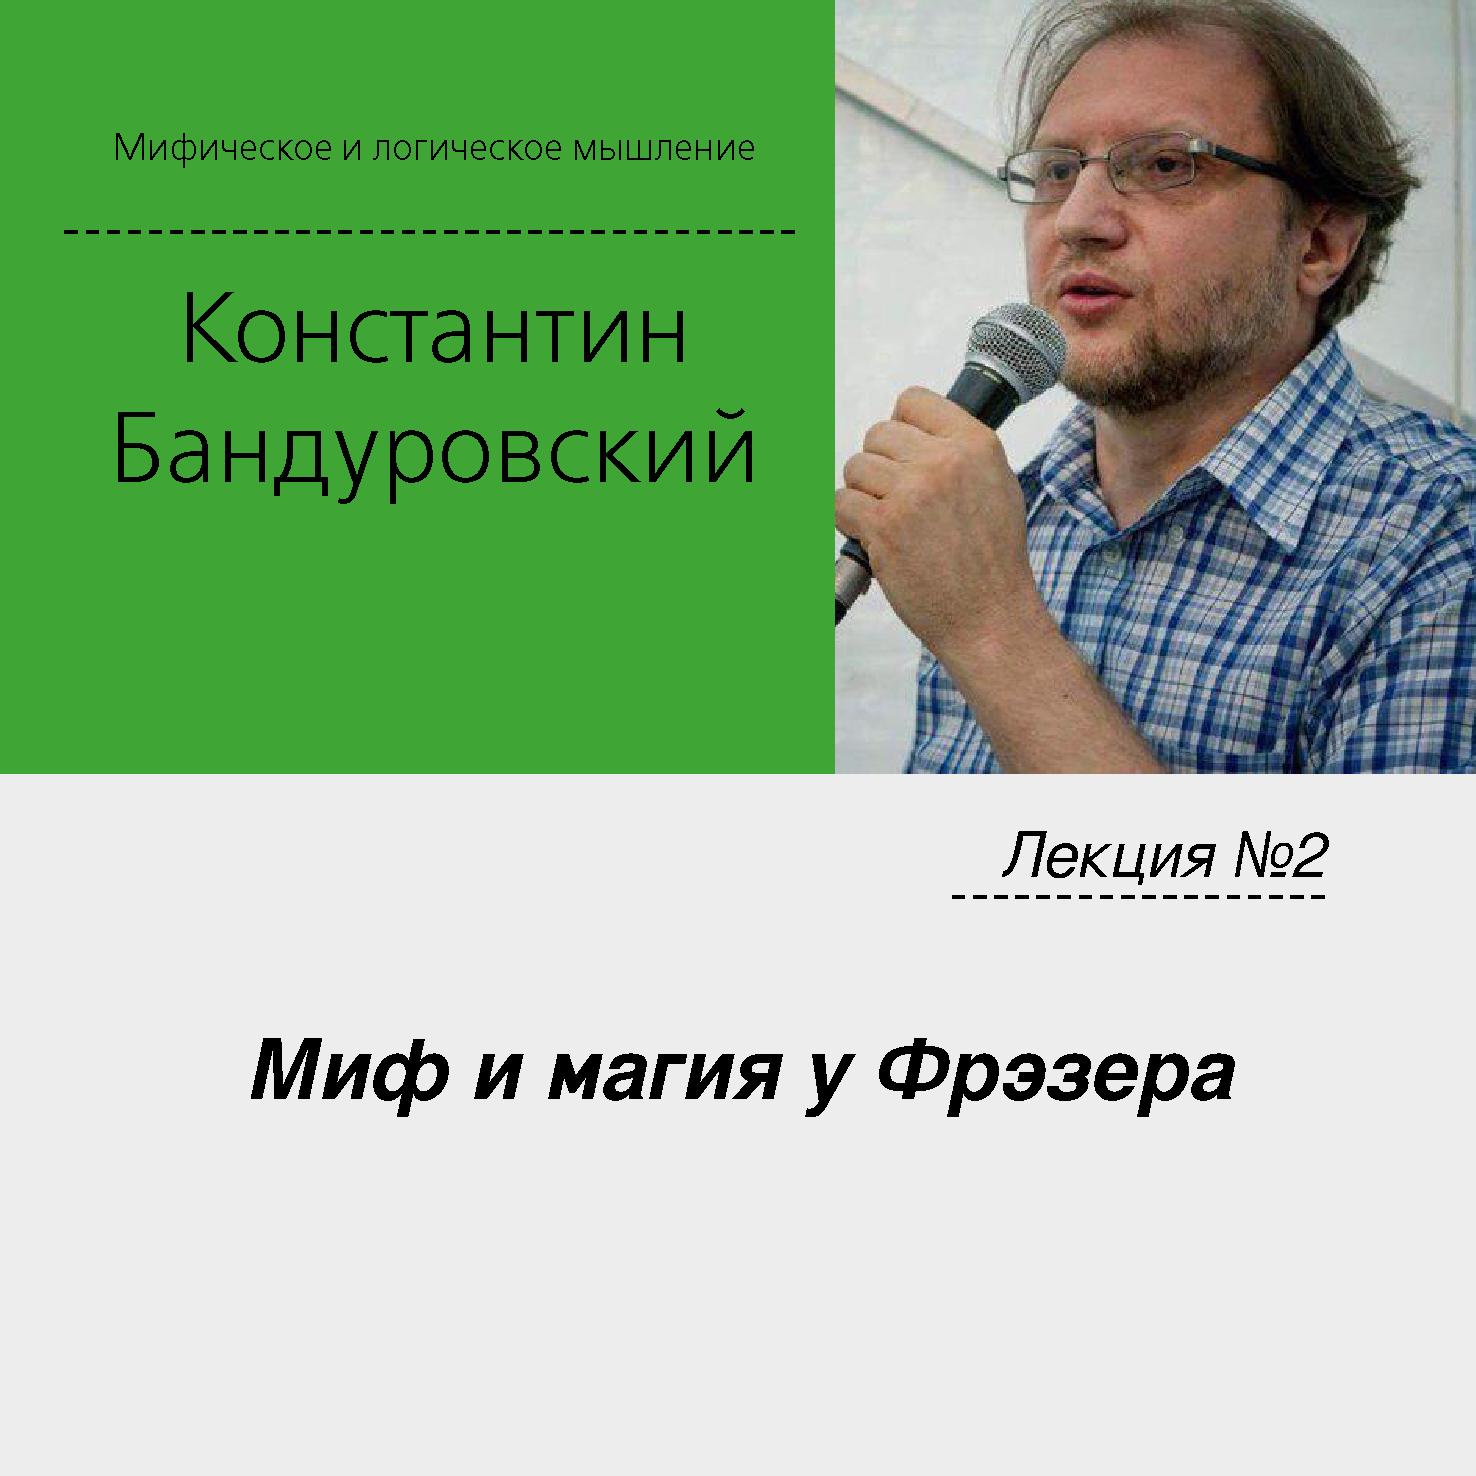 Константин Бандуровский Лекция №2 «Миф и магия у Фрэзера»